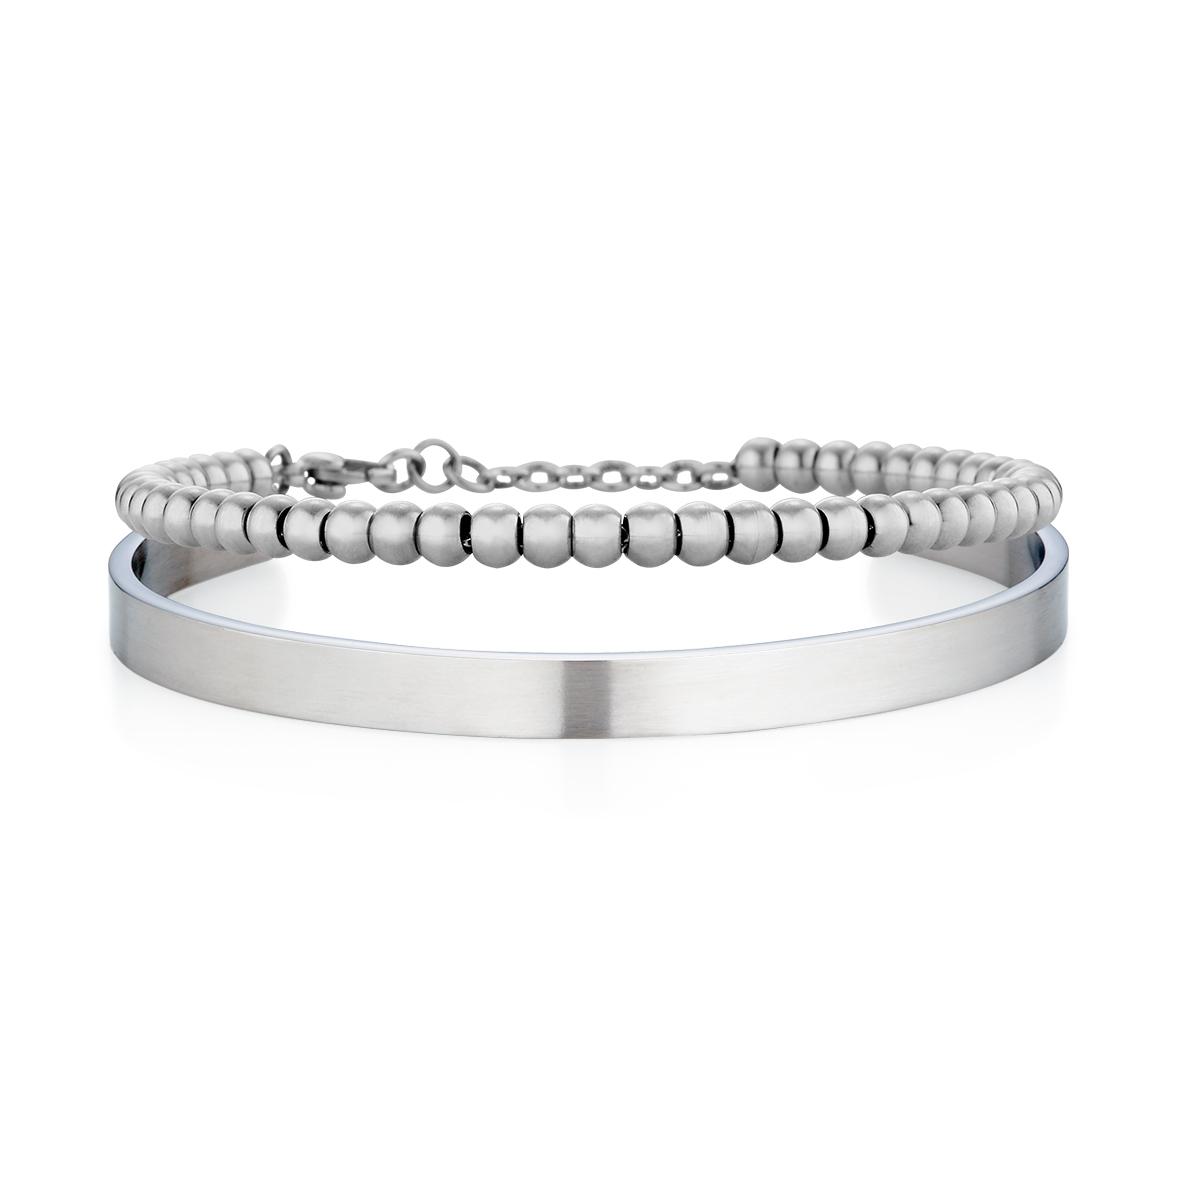 CIM179 簡約素面圓滿鍊環組